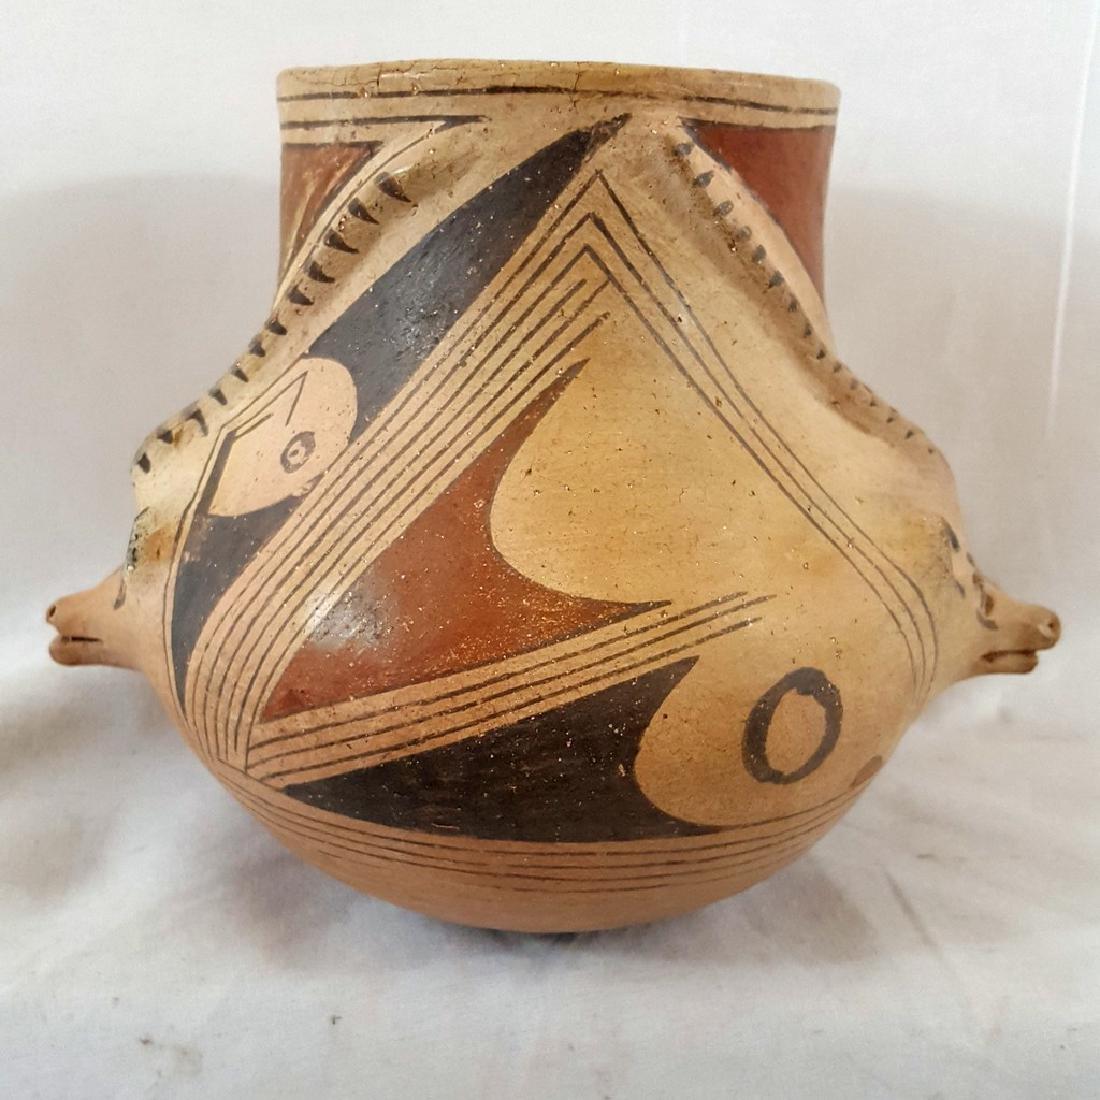 Casas Grande Coyote Effigy Pot Ca Early 20th Century - 4